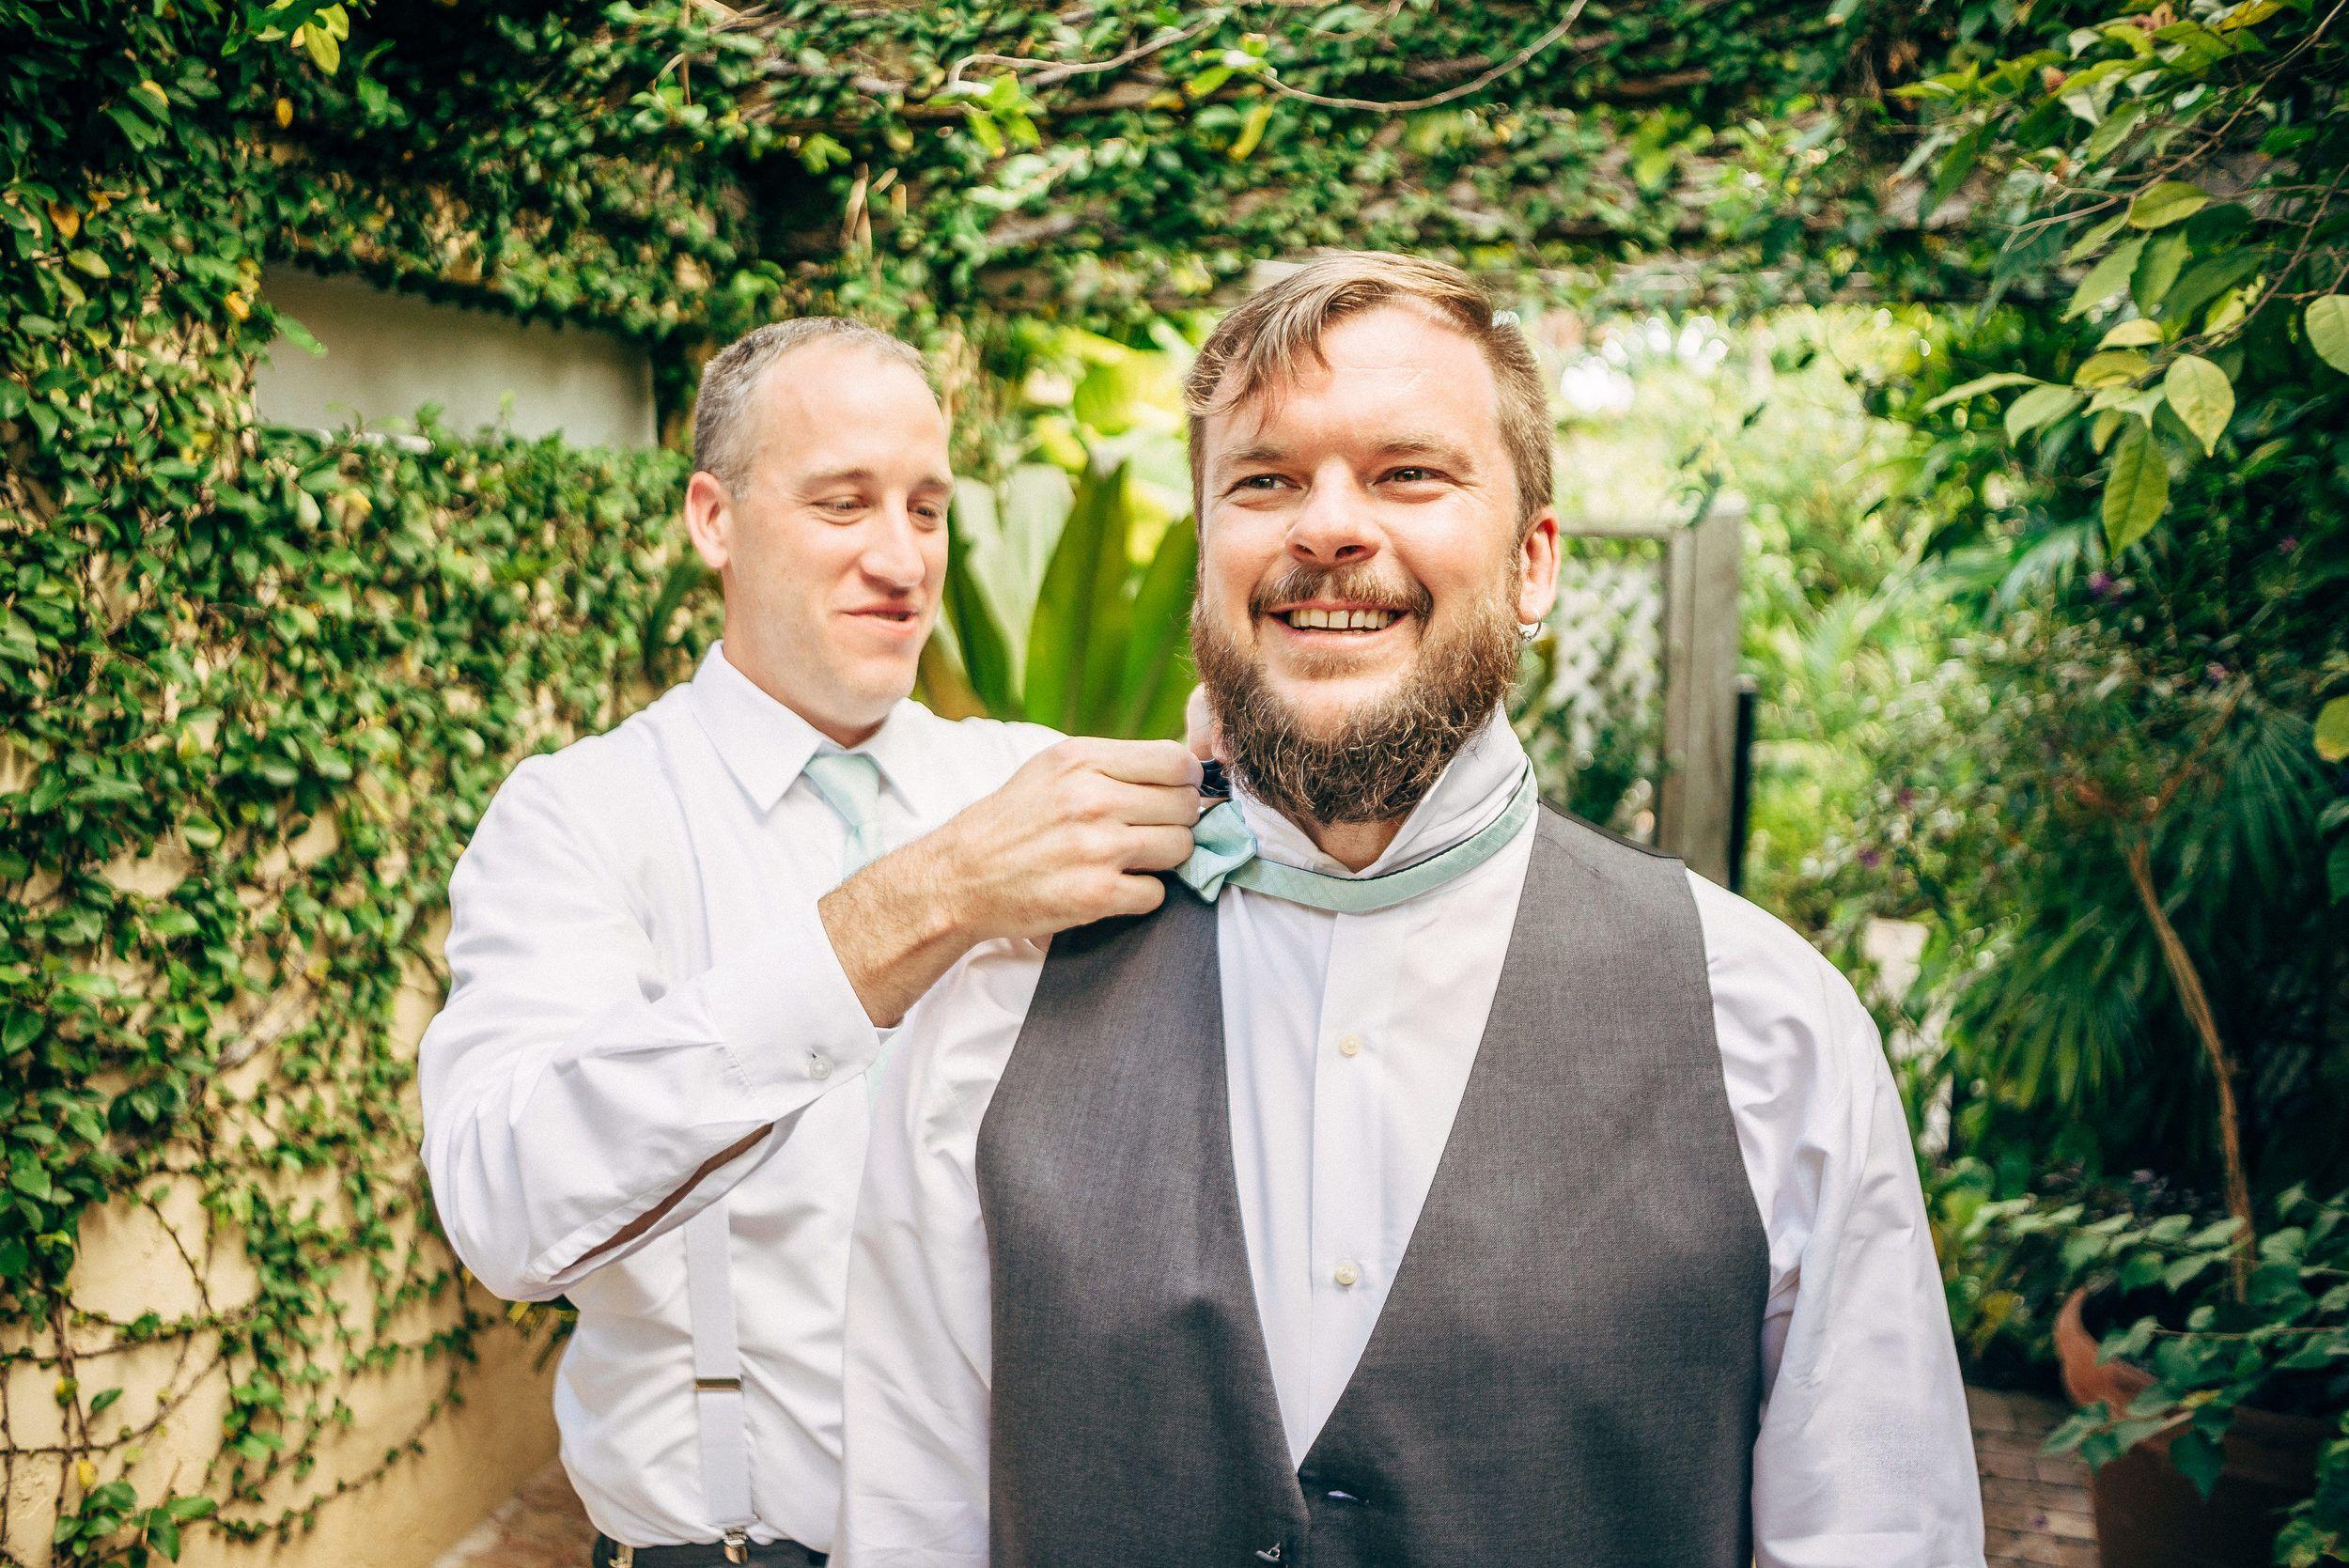 Hotel Escalante Groom getting ready Naples Florida Wedding Photographer // www.StillsByHernan.com